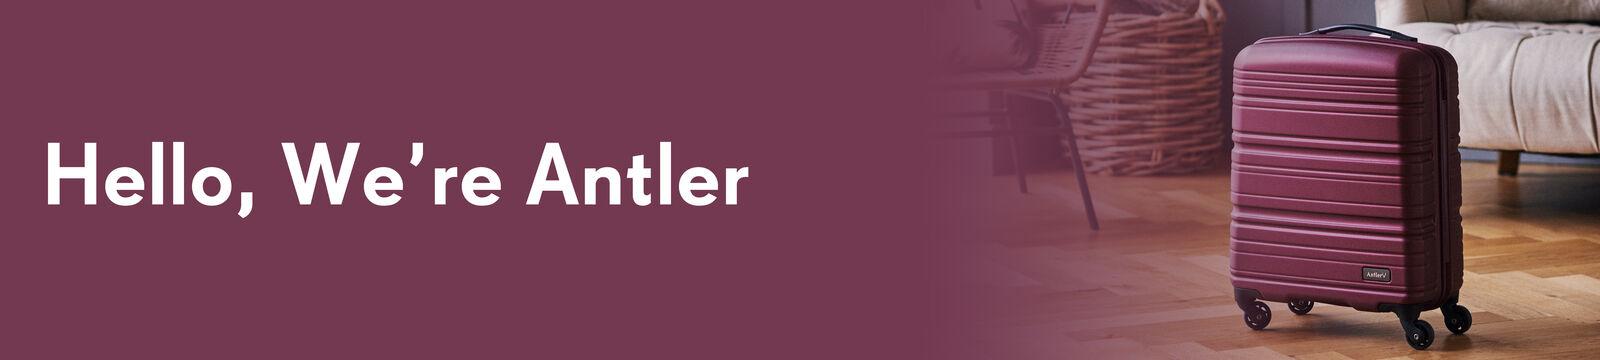 Antler-Ltd